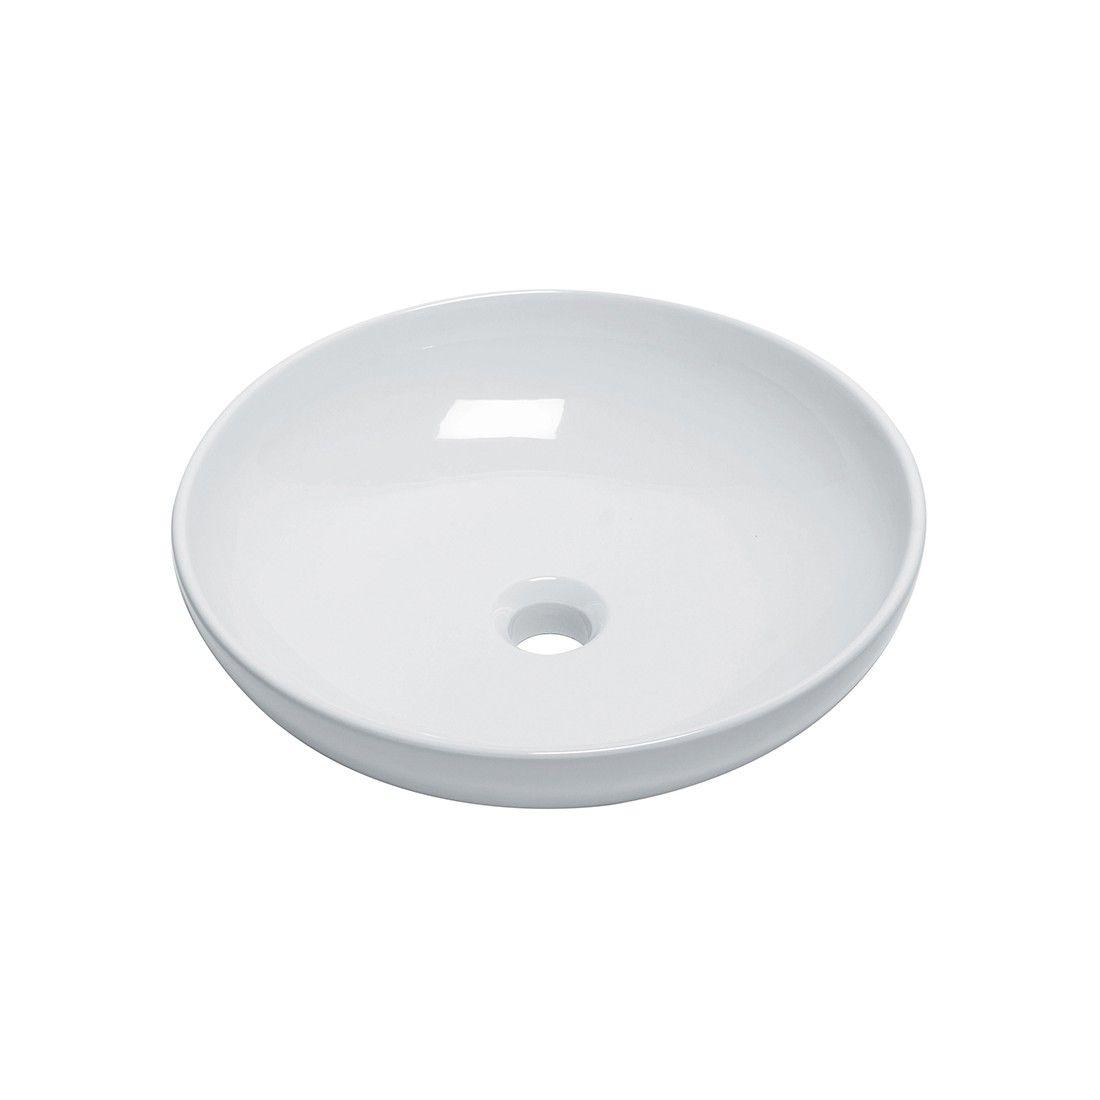 Vasque à poser ronde 46 cm en céramique modèle tondo